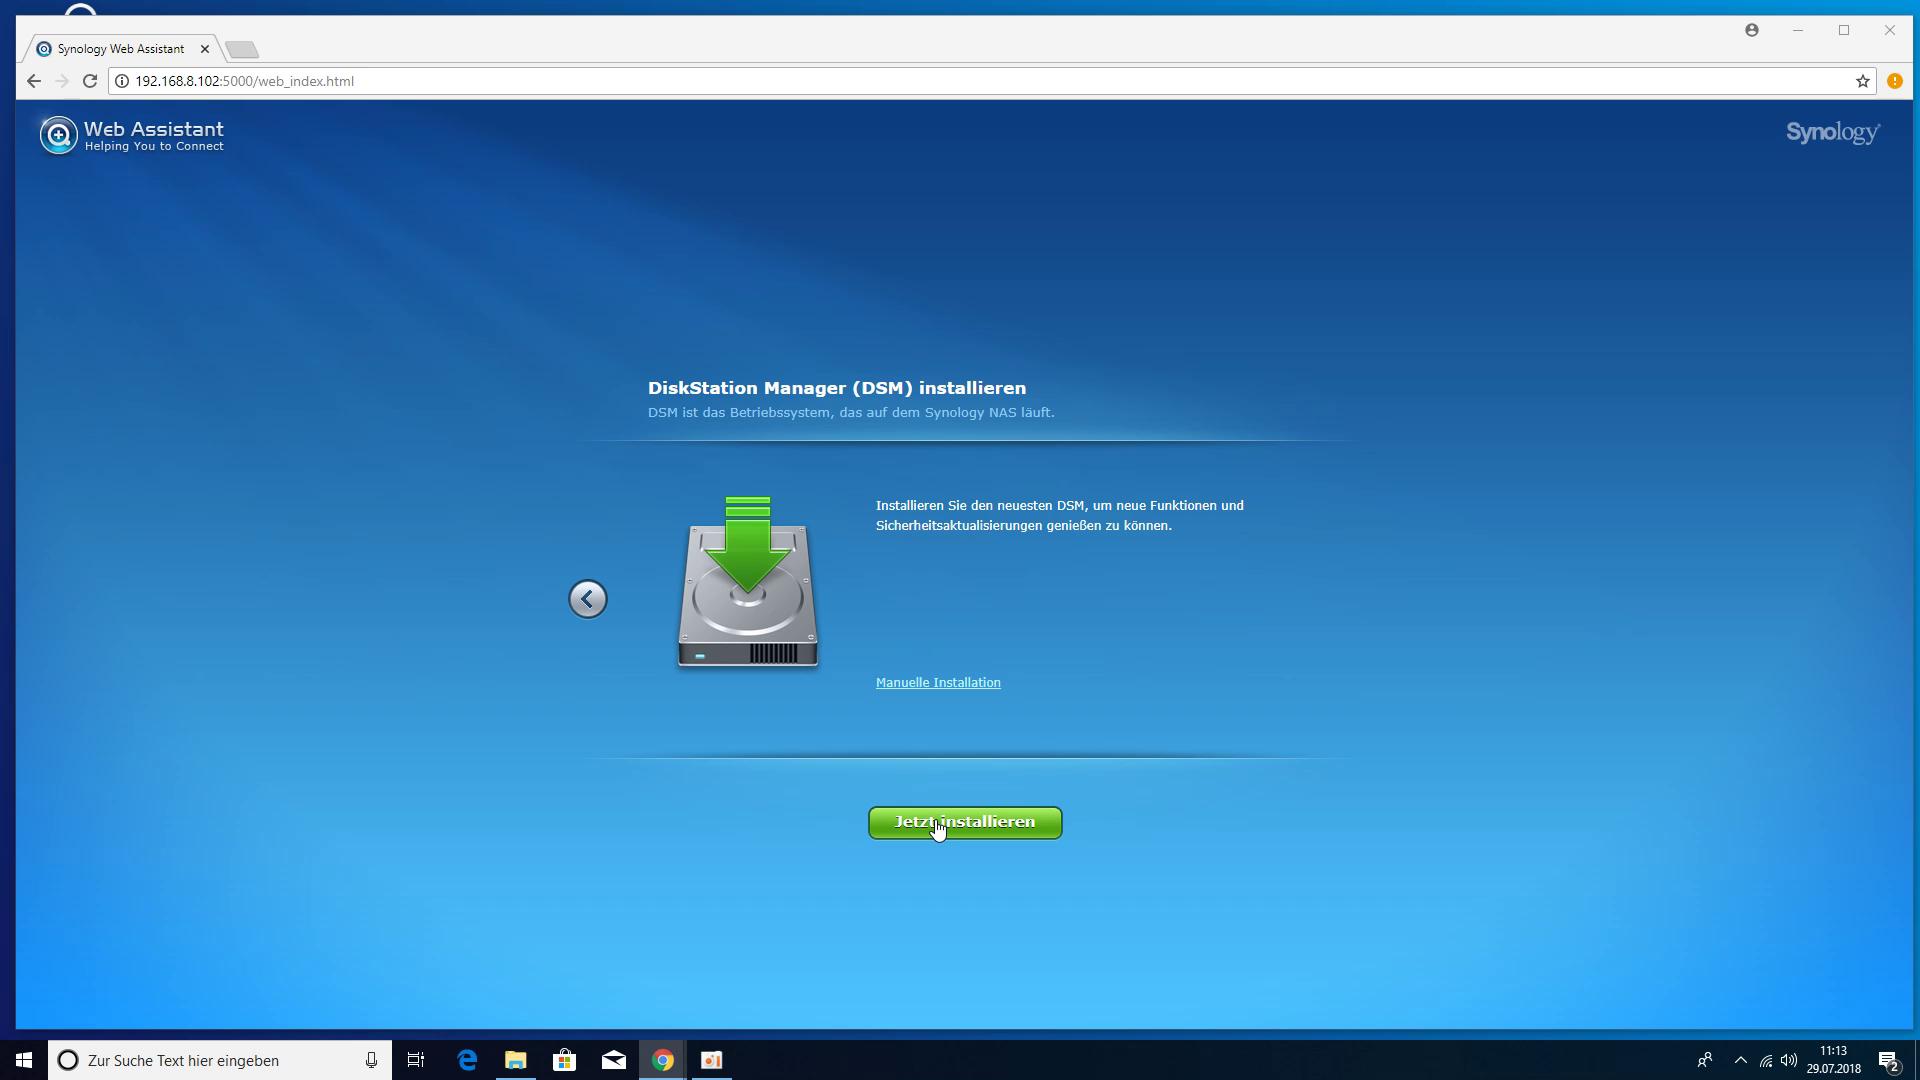 Synology DS218+ NAS - DSM installieren